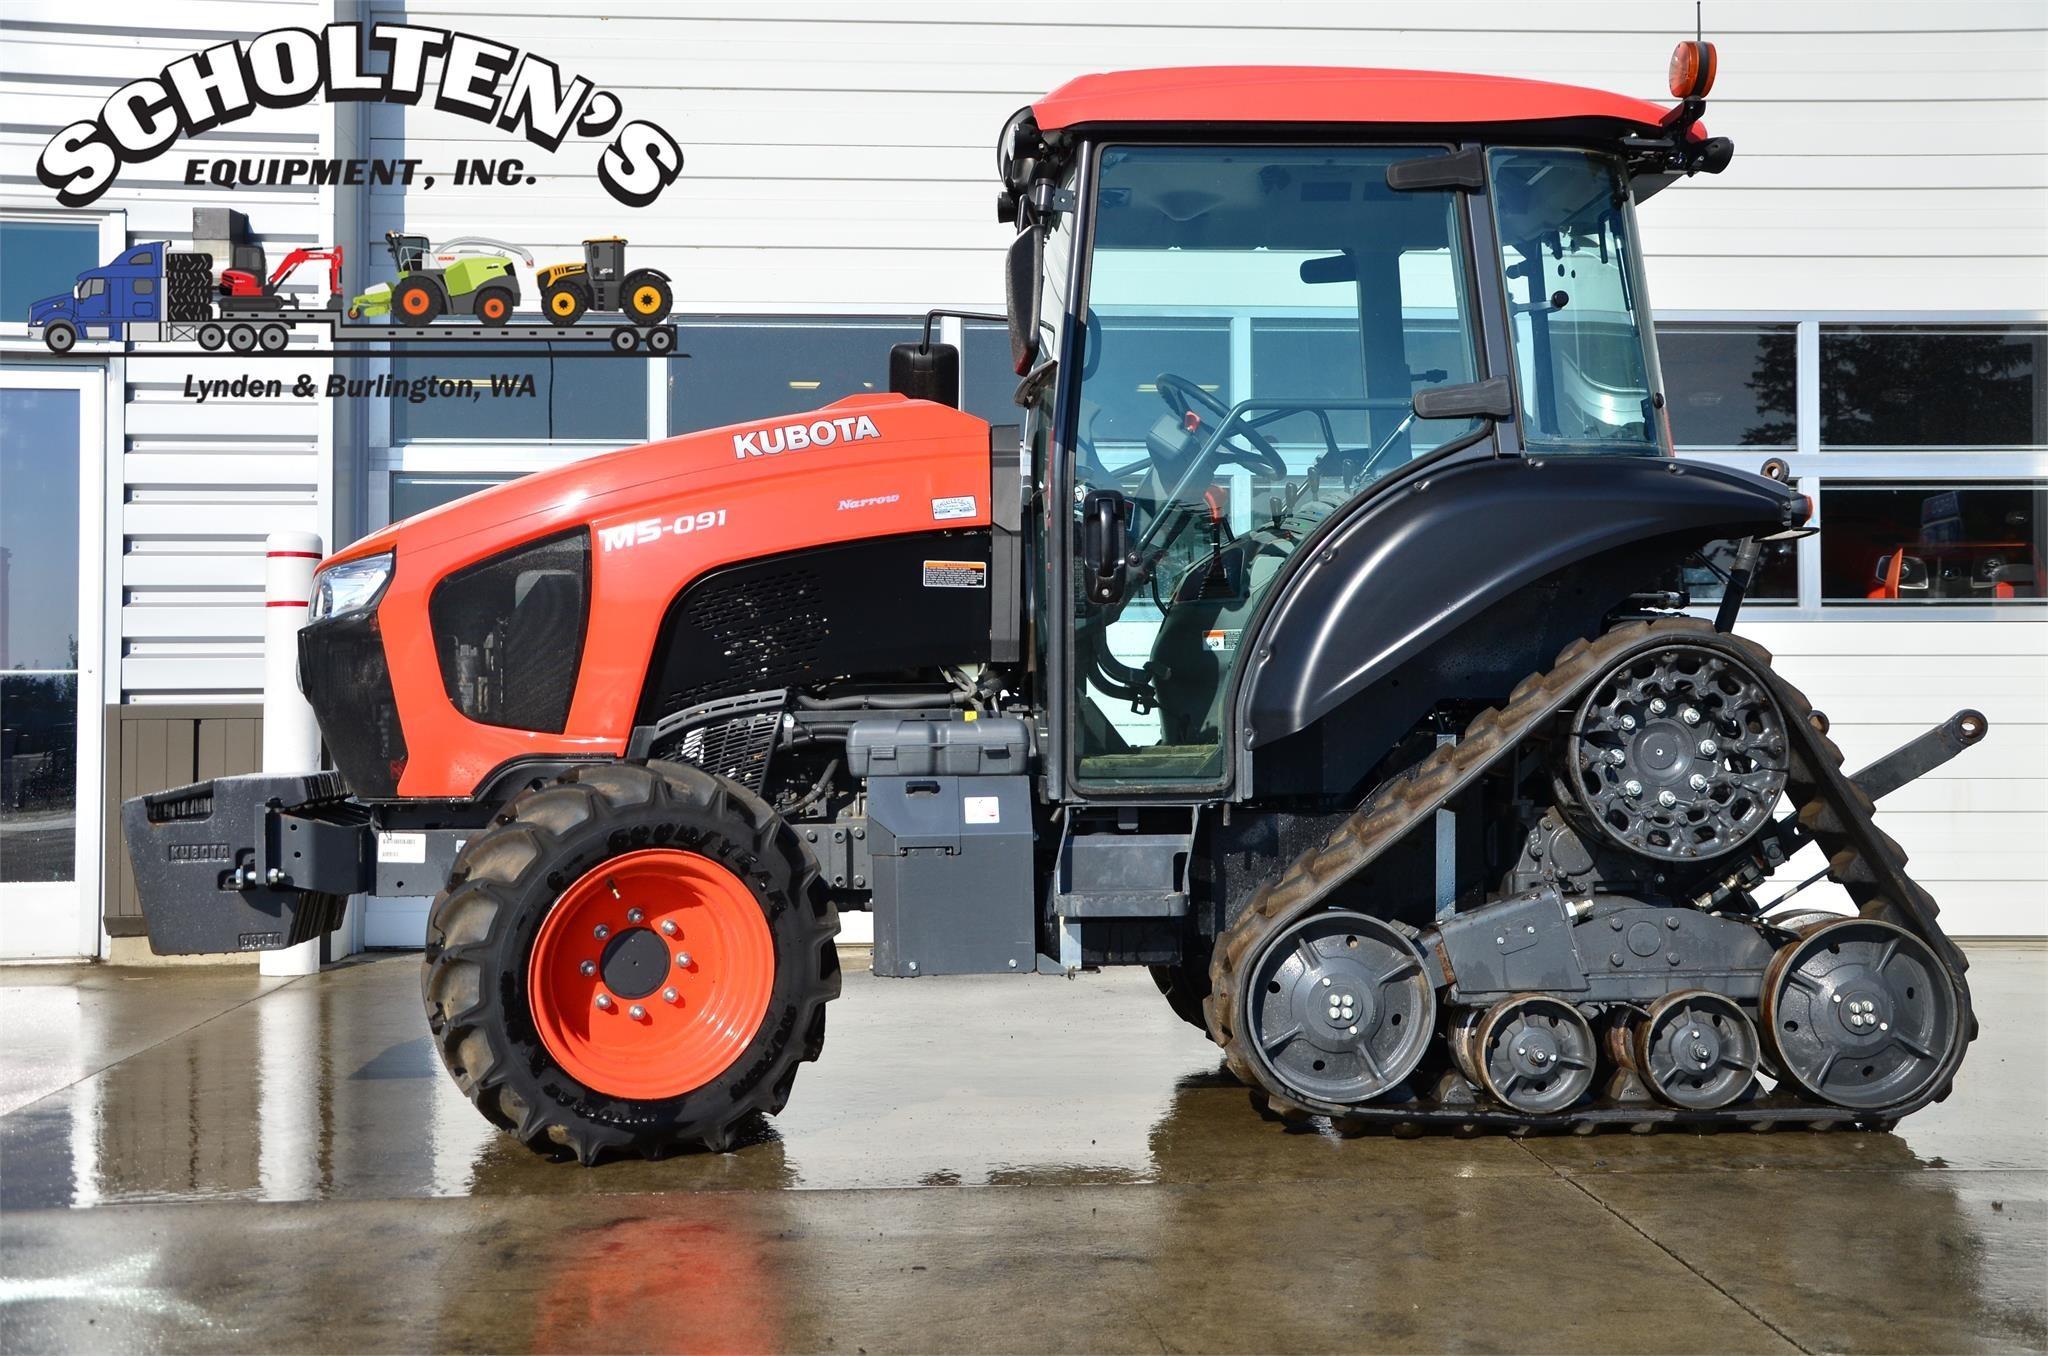 2020 Kubota M5N-091 Tractor